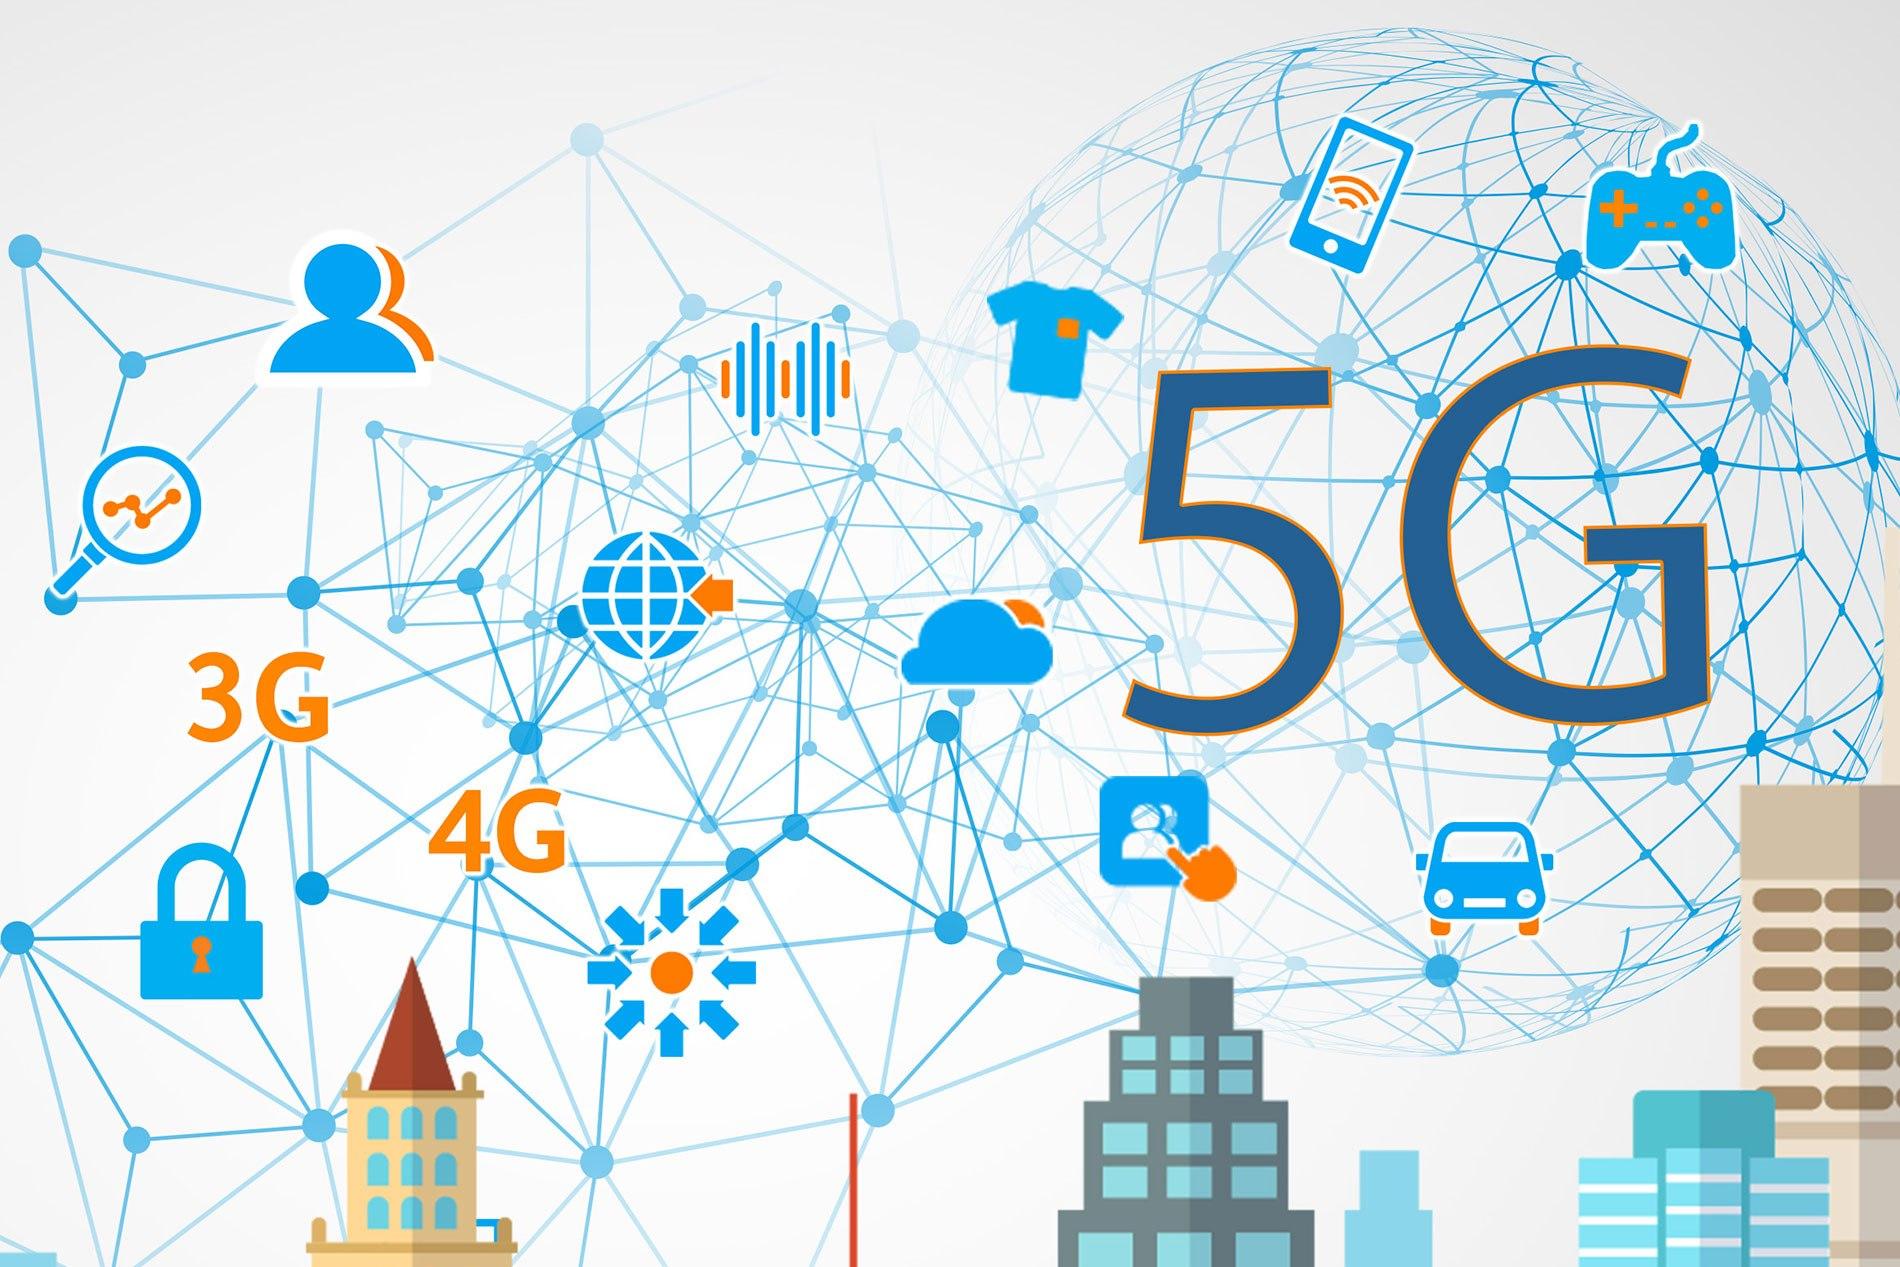 Mạng 5G là gì? Các tính năng, ứng dụng và cách thức hoạt động của nó?